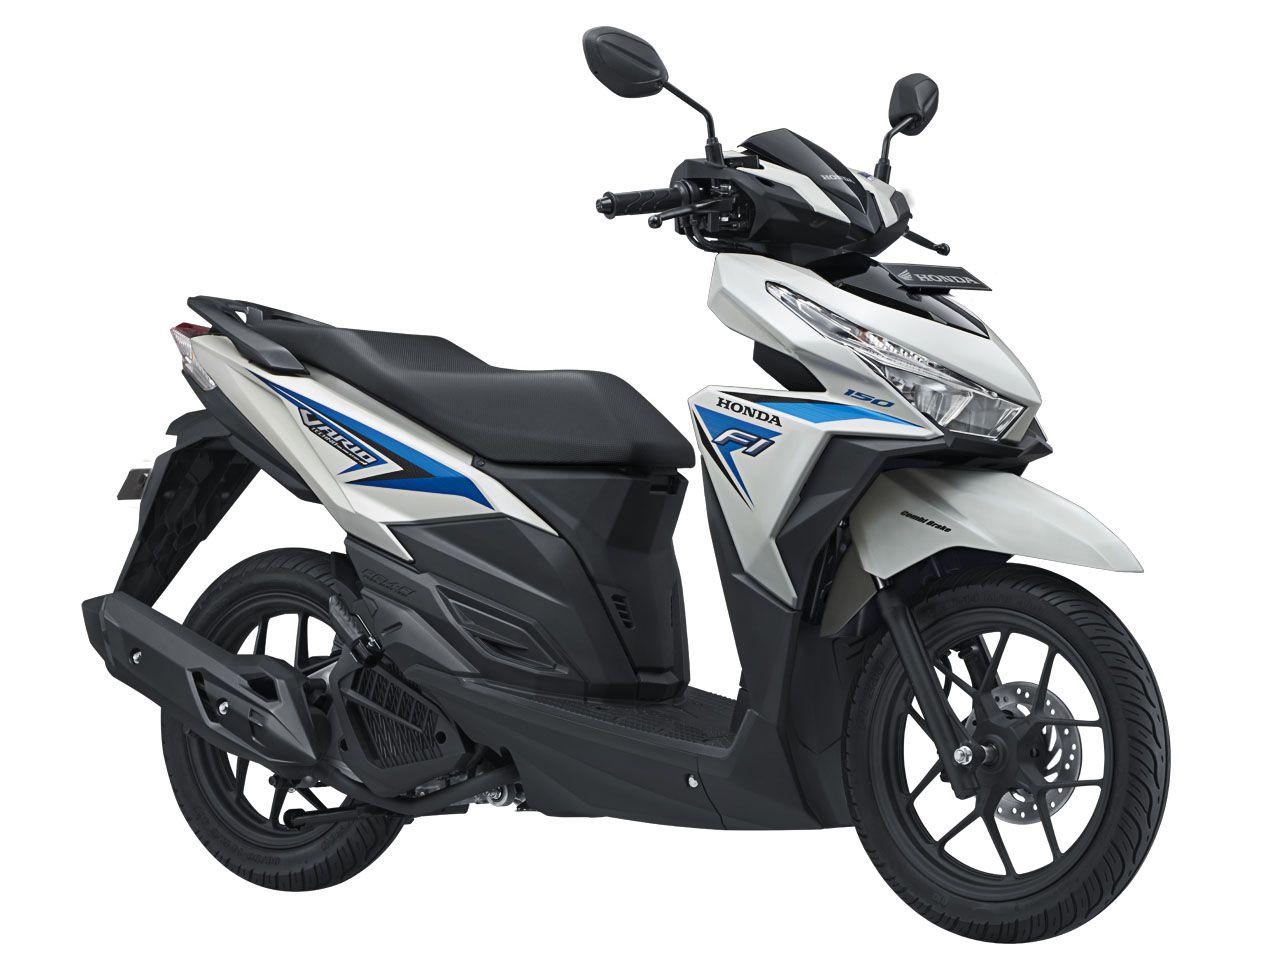 vario 150 eSP tipe sporty warna Sonic White Blue